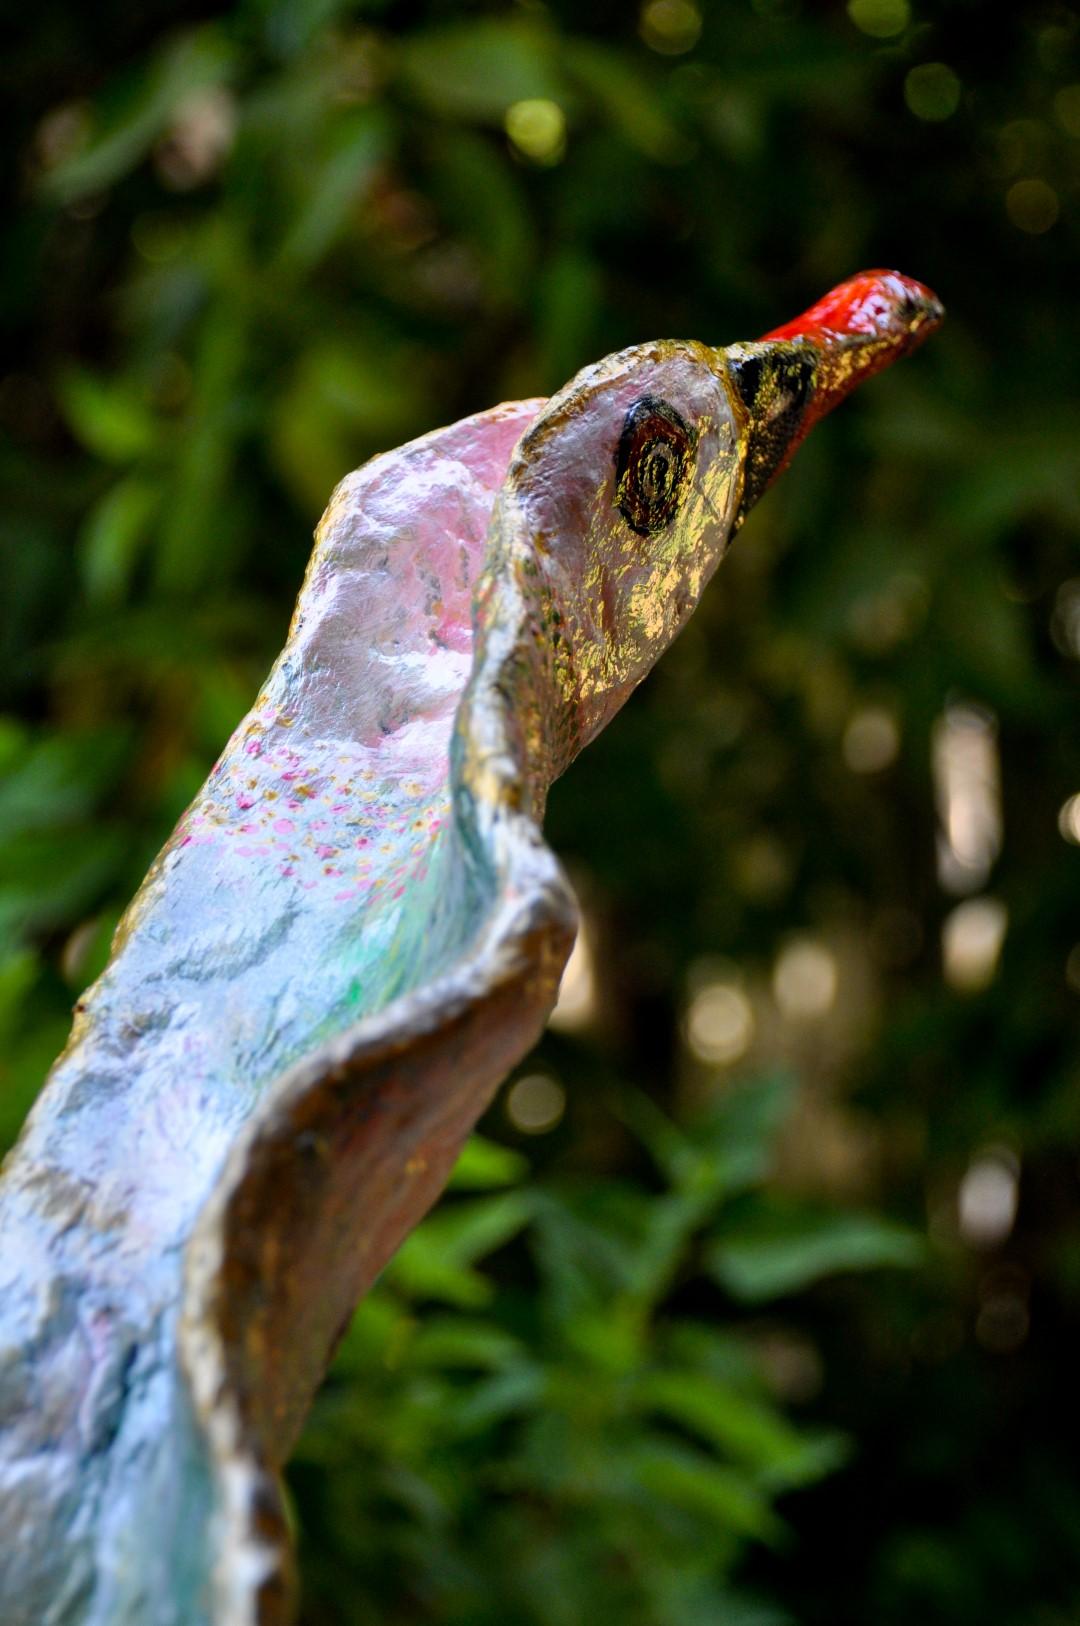 האווז הירוק פיסול מרשת ועיסת נייר להטמעת המודעות הסביבתית